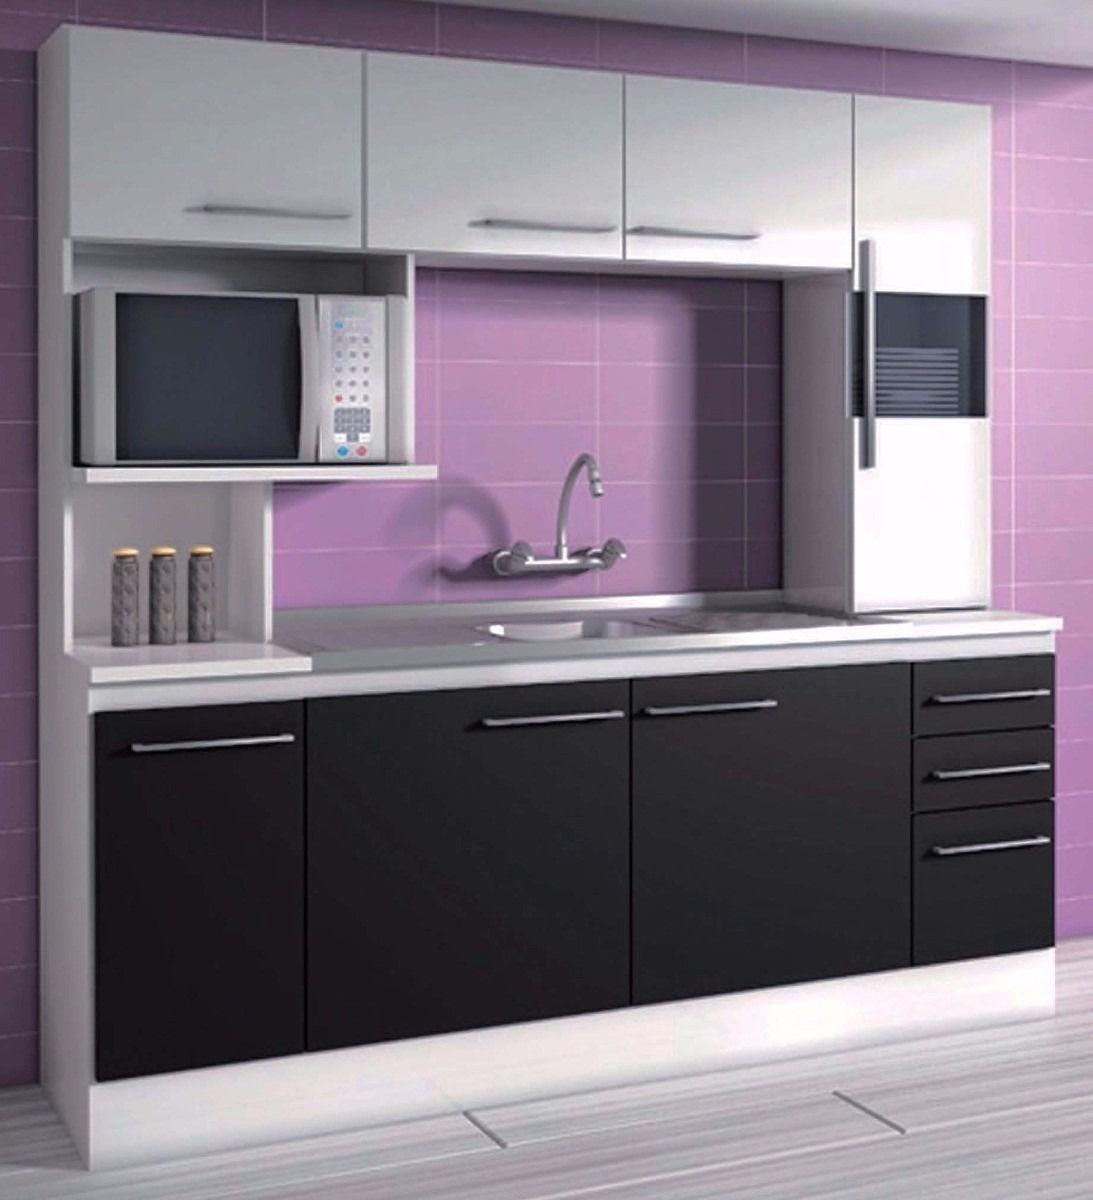 Mueble alacena cocina compacta c mesada incluida muebles for Muebles online uruguay